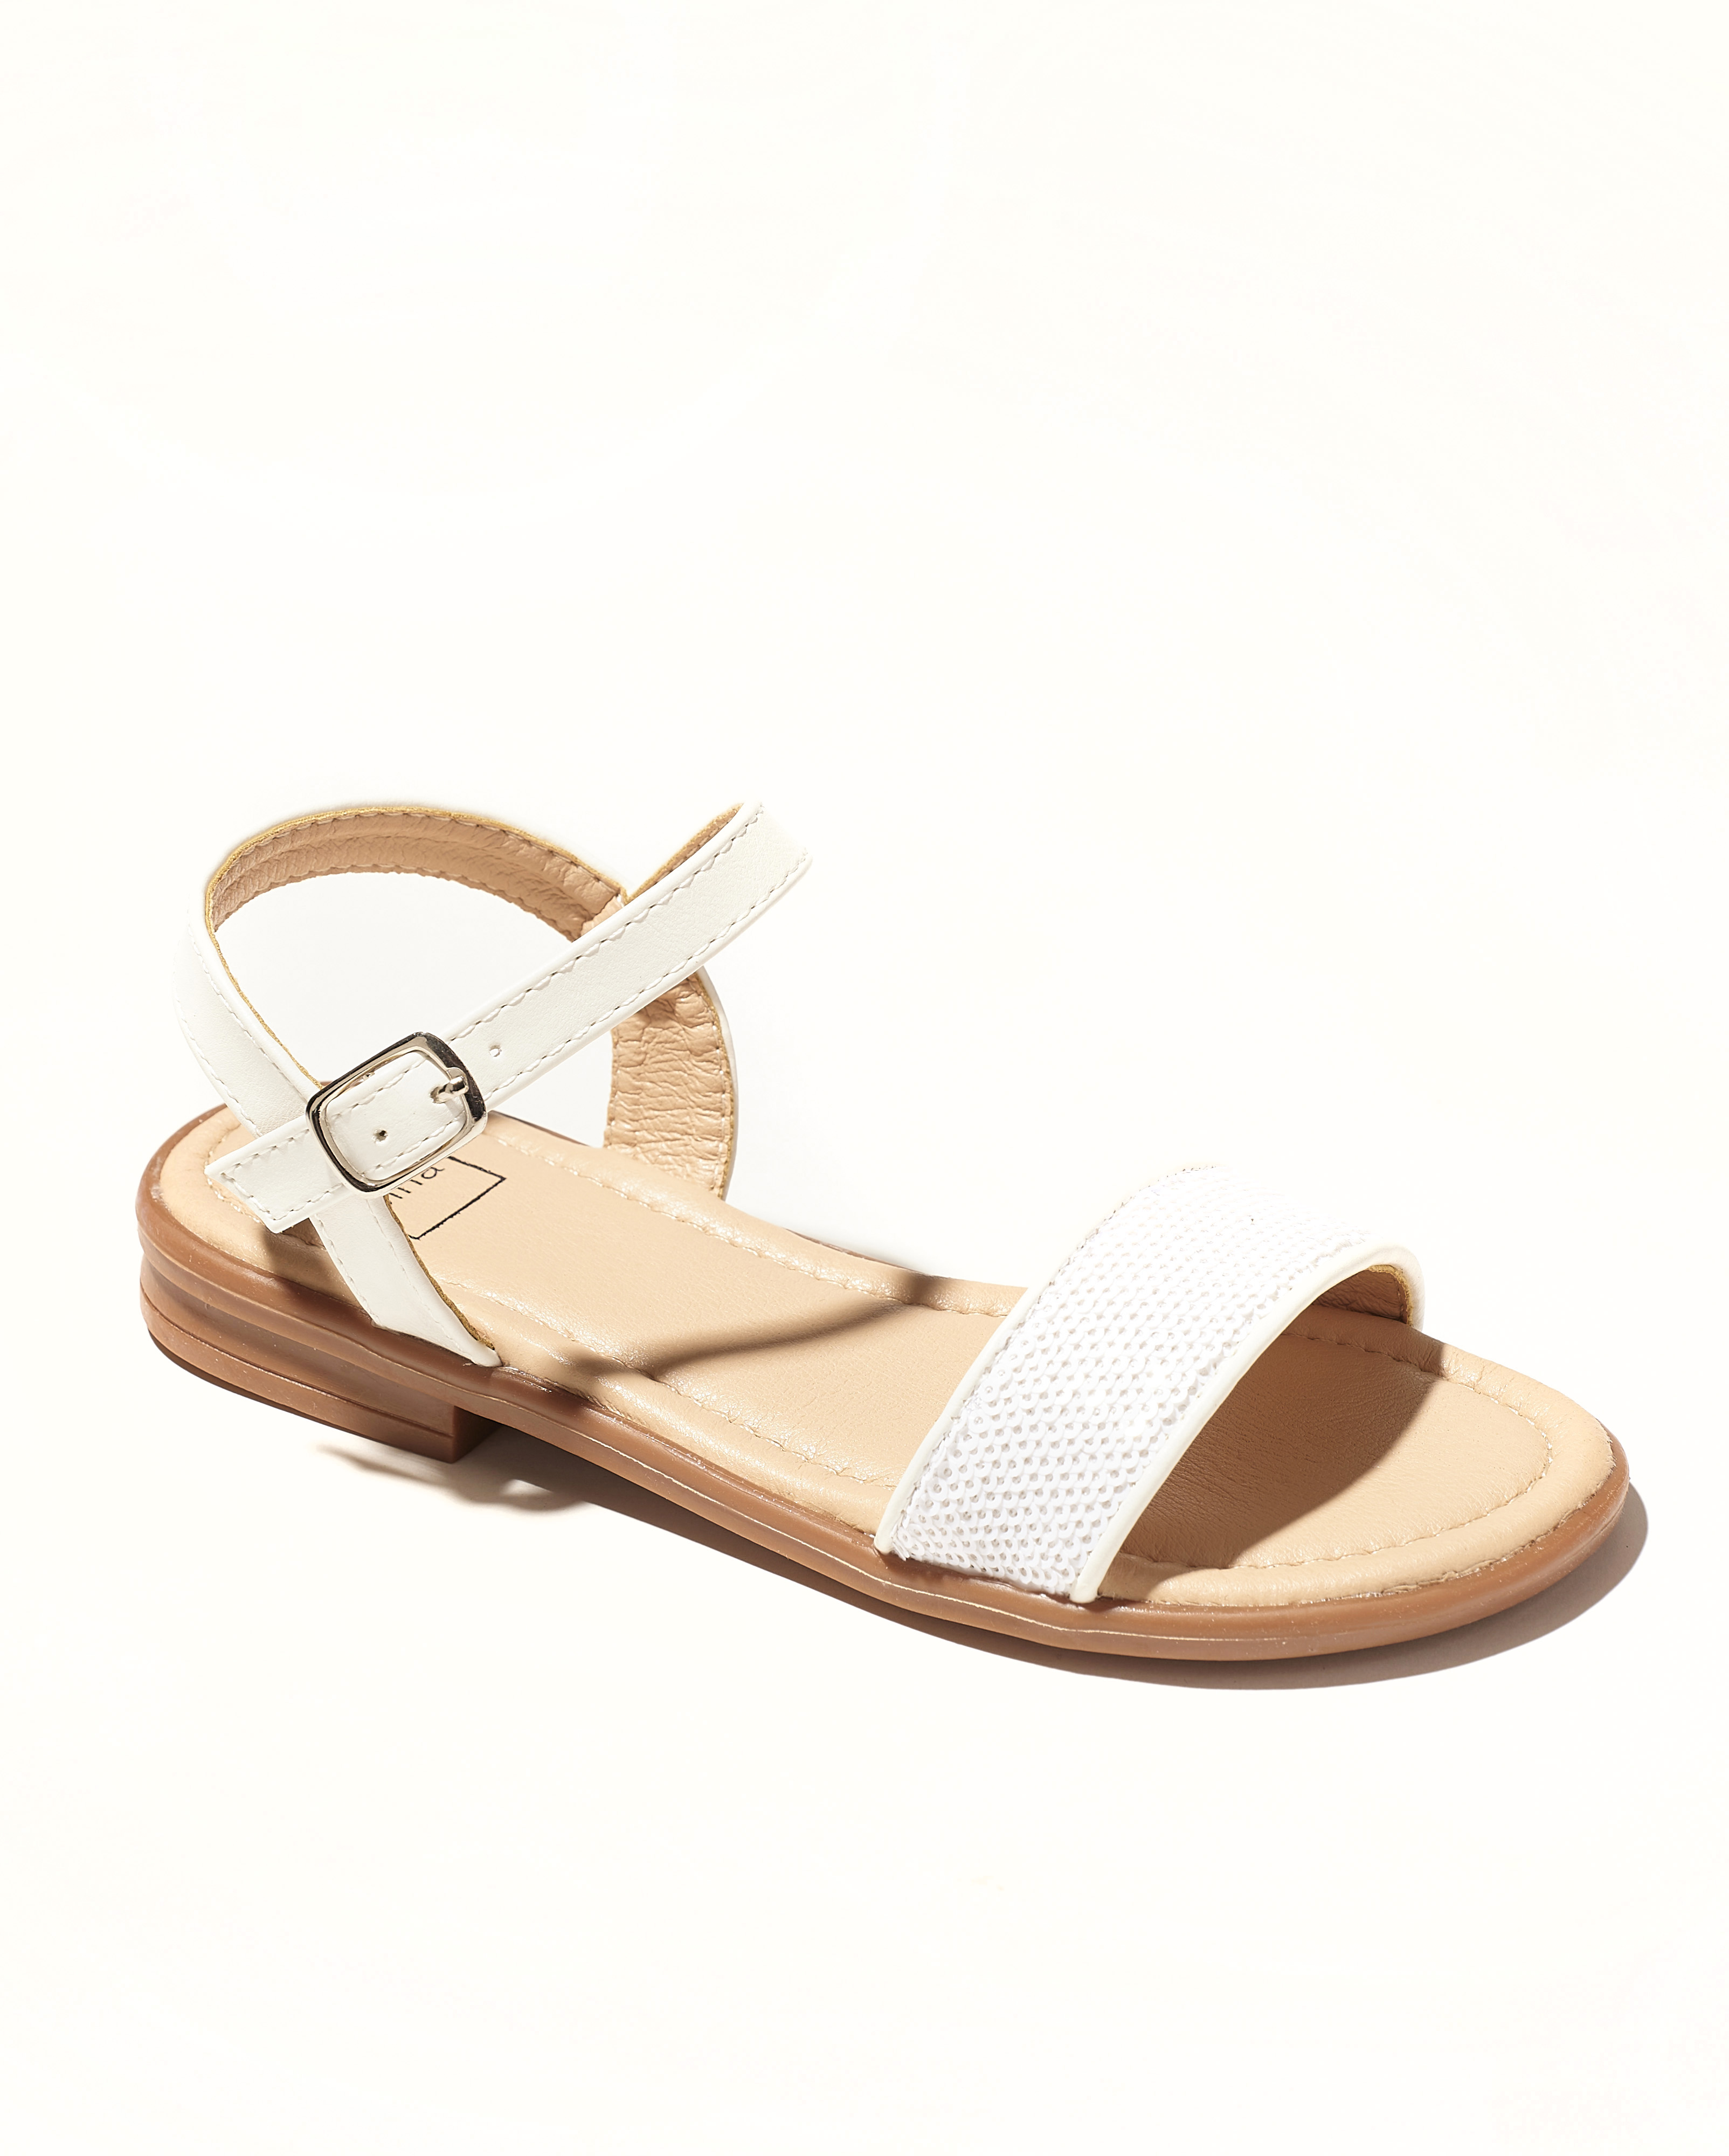 Sandales Fille - Sandale Ouverte Blanc Jina - Saou Doremi2 Jf